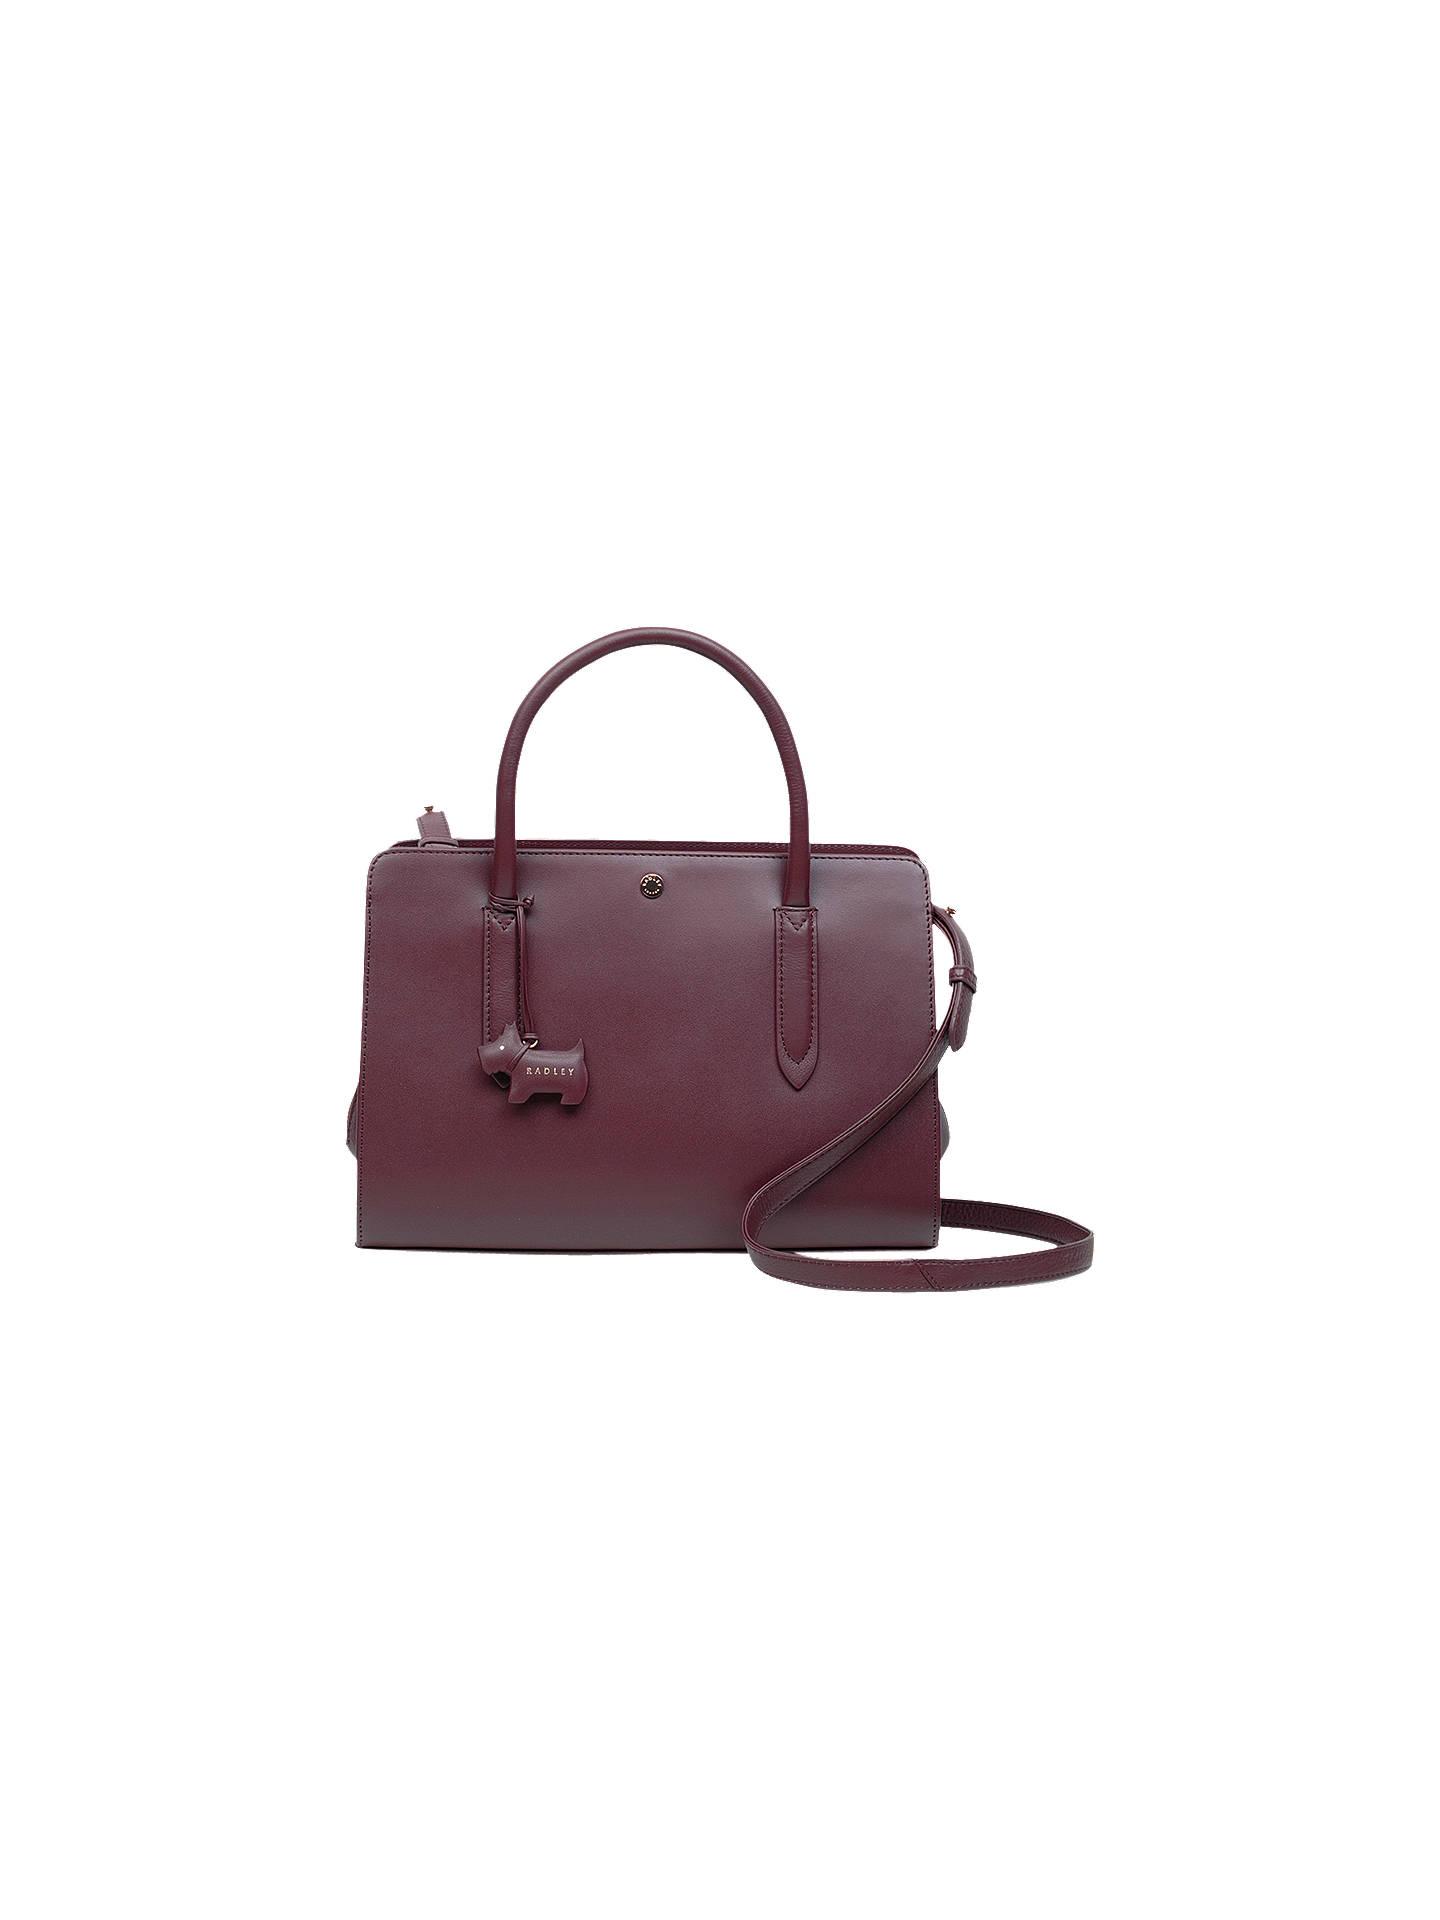 a0a40ecfb1f7 BuyRadley Liverpool Street Leather Medium Grab Bag